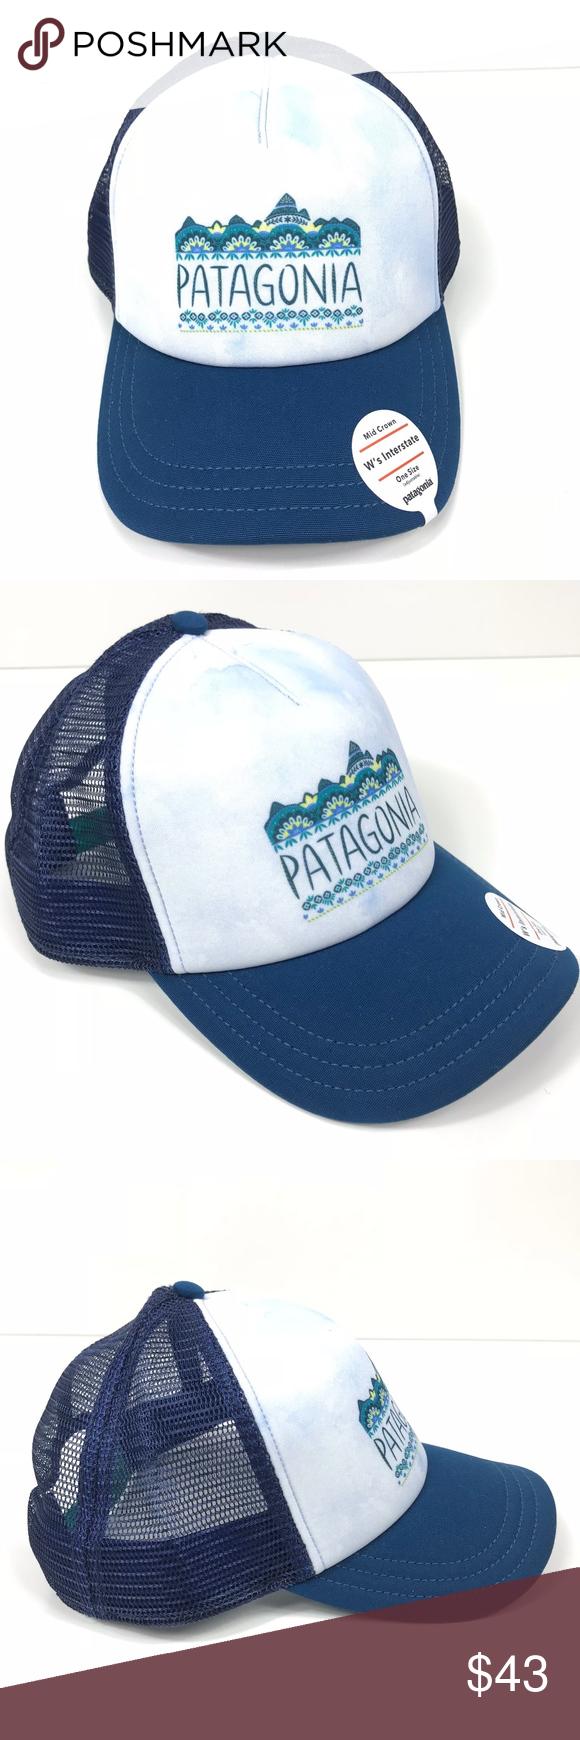 d408500cf512c Patagonia W s Femme Fitz Roy Interstate Hat Blue Patagonia W s Femme Fitz  Roy Interstate Trucker Hat